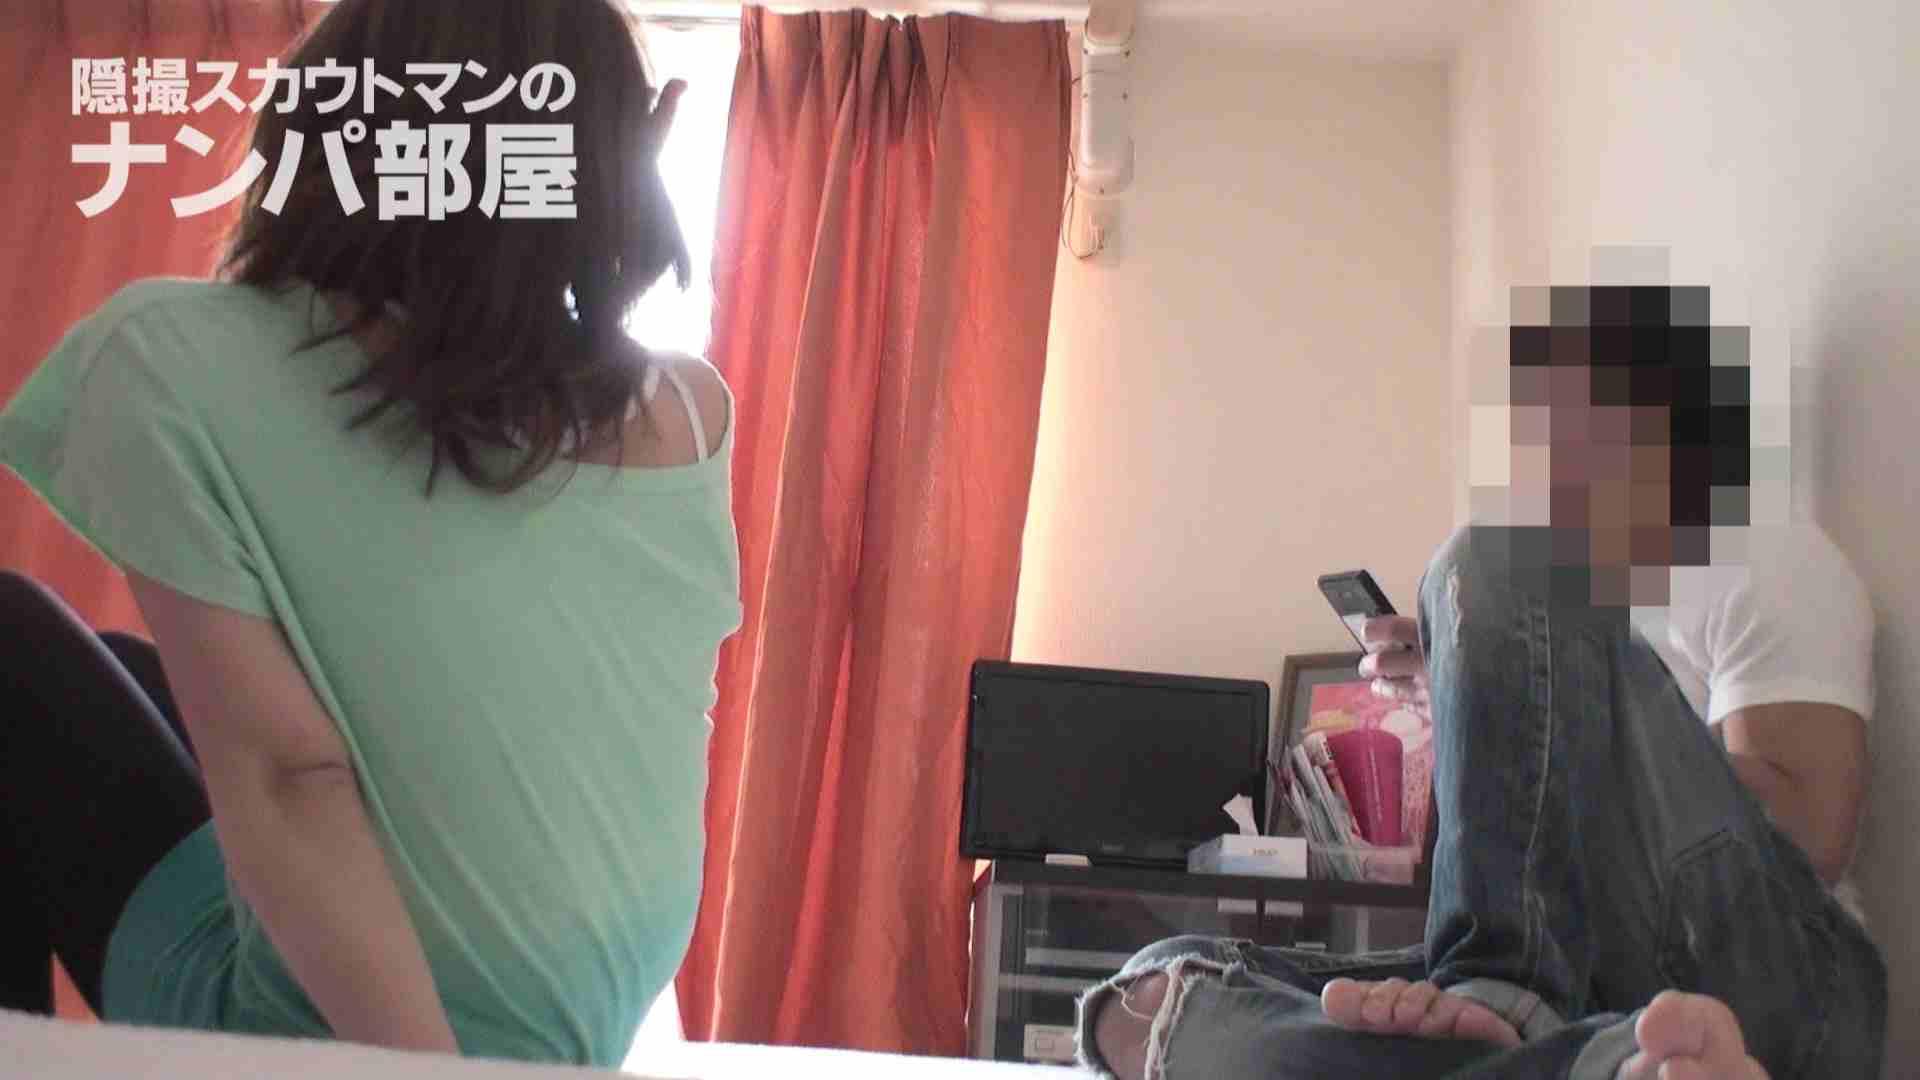 隠撮スカウトマンのナンパ部屋~風俗デビュー前のつまみ食い~ siivol.4 隠撮  74pic 5